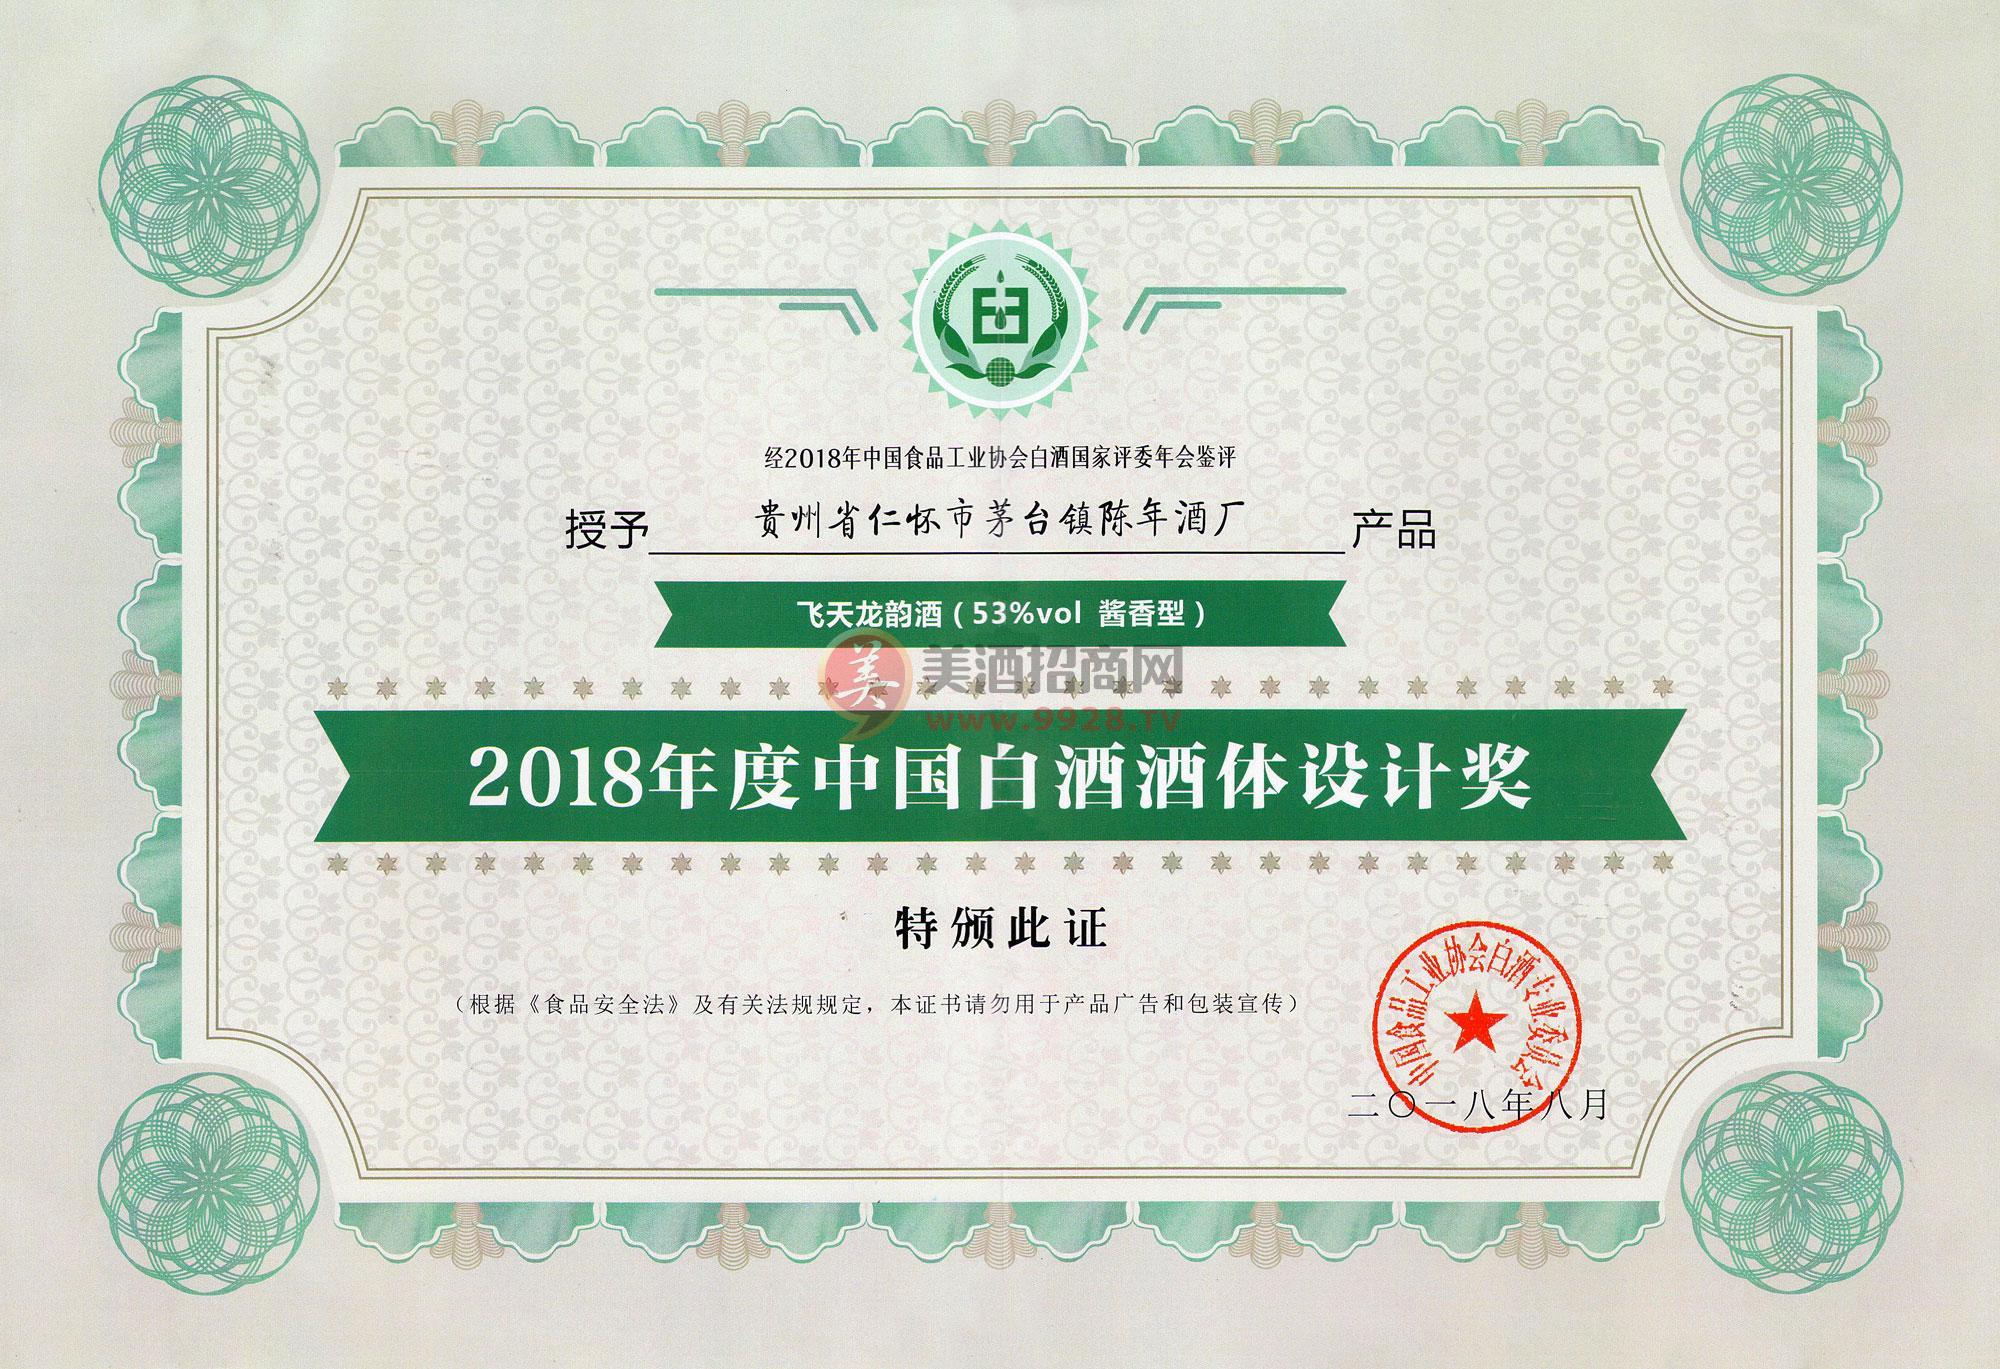 2018年度中国白酒酒体设计奖